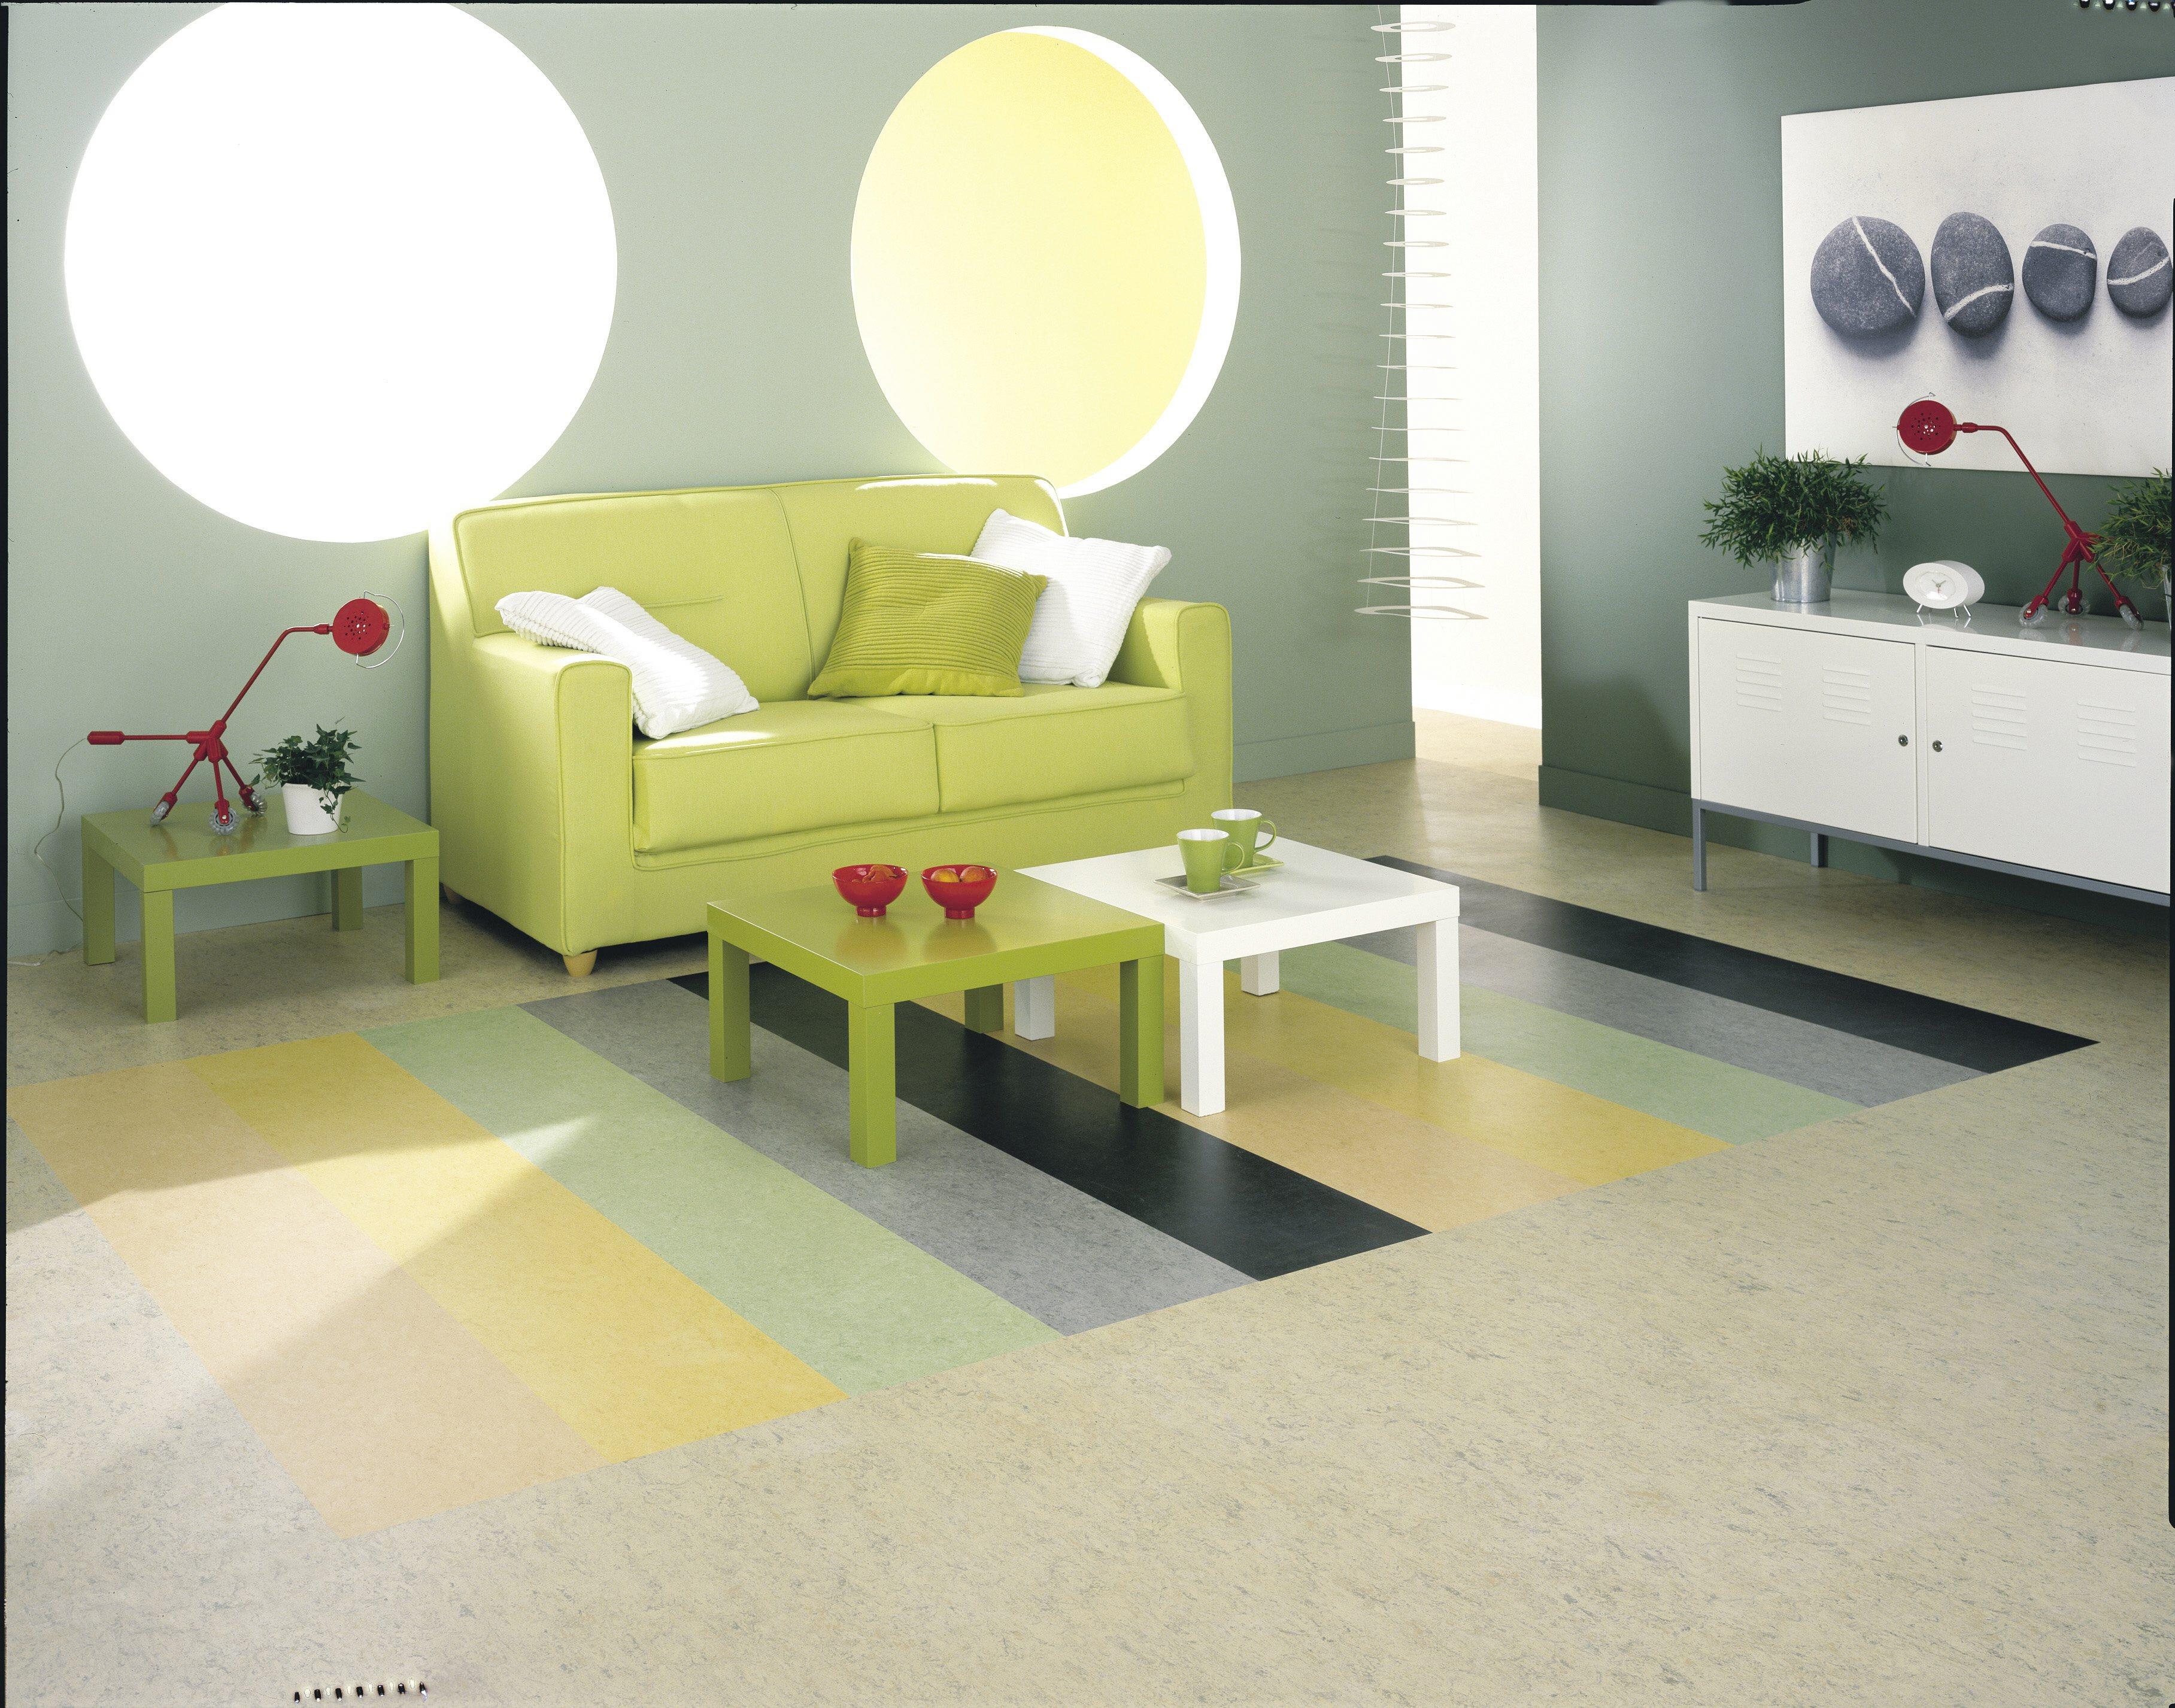 O podea din linoleum poate fi o alegere excelentă pentru orice cameră. Mituri false despre linoleum